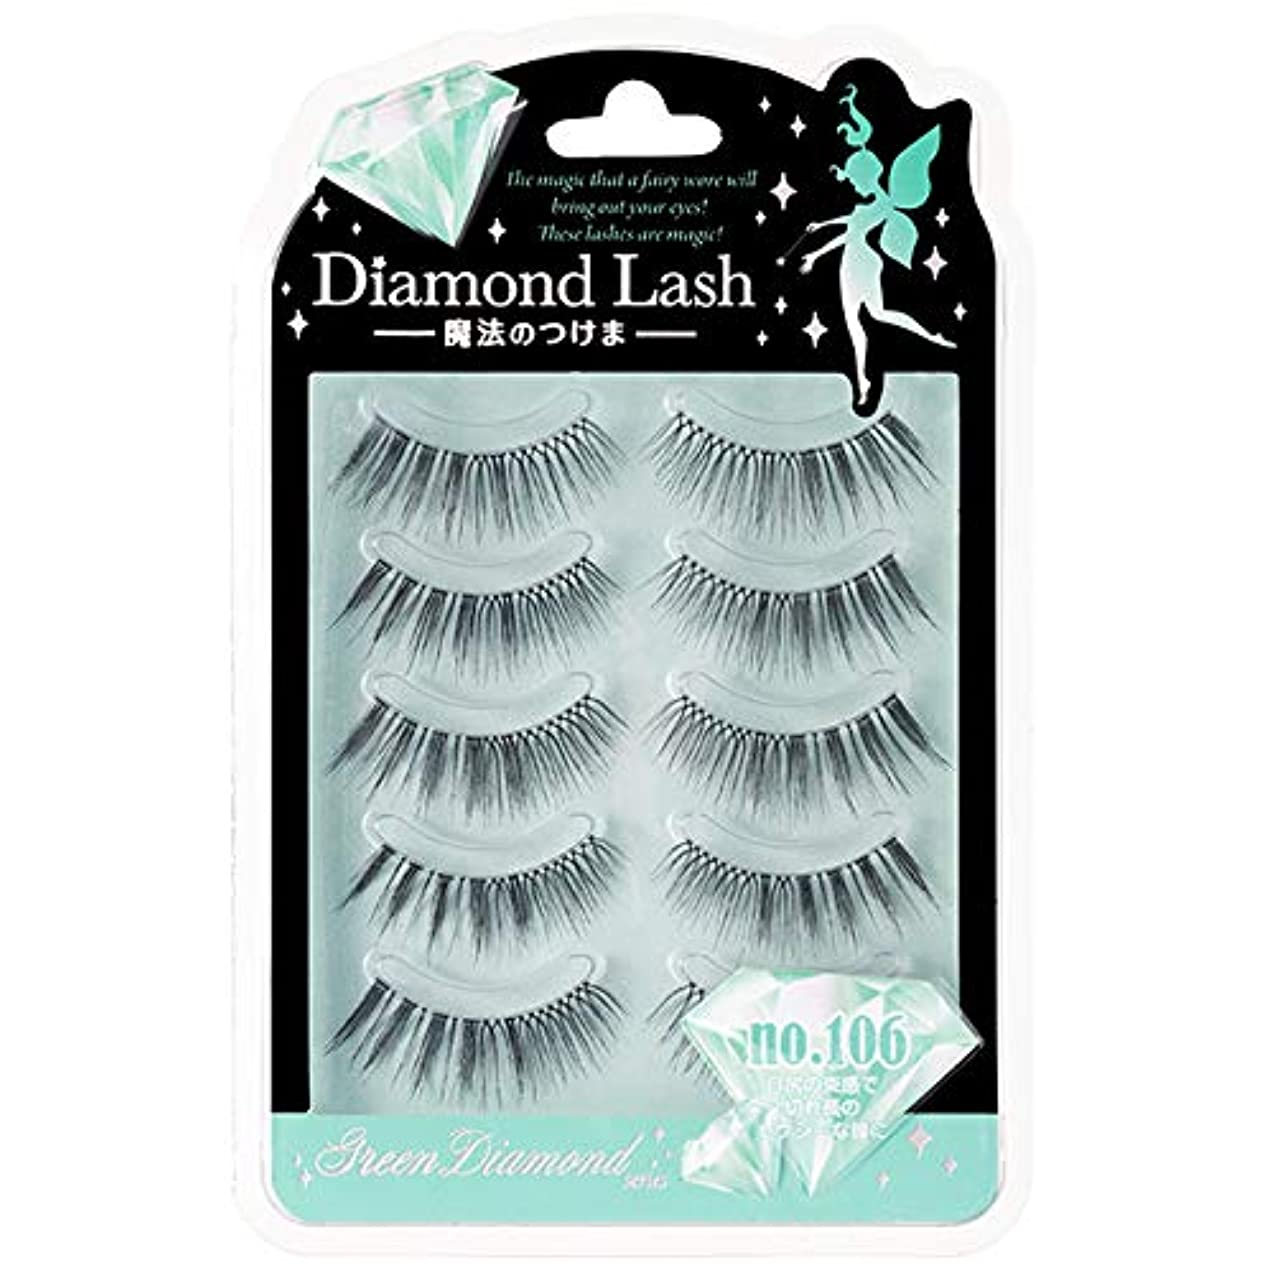 観光キャッシュ海里Diamond Lash(ダイヤモンドラッシュ) グリーン no.106 5ペア